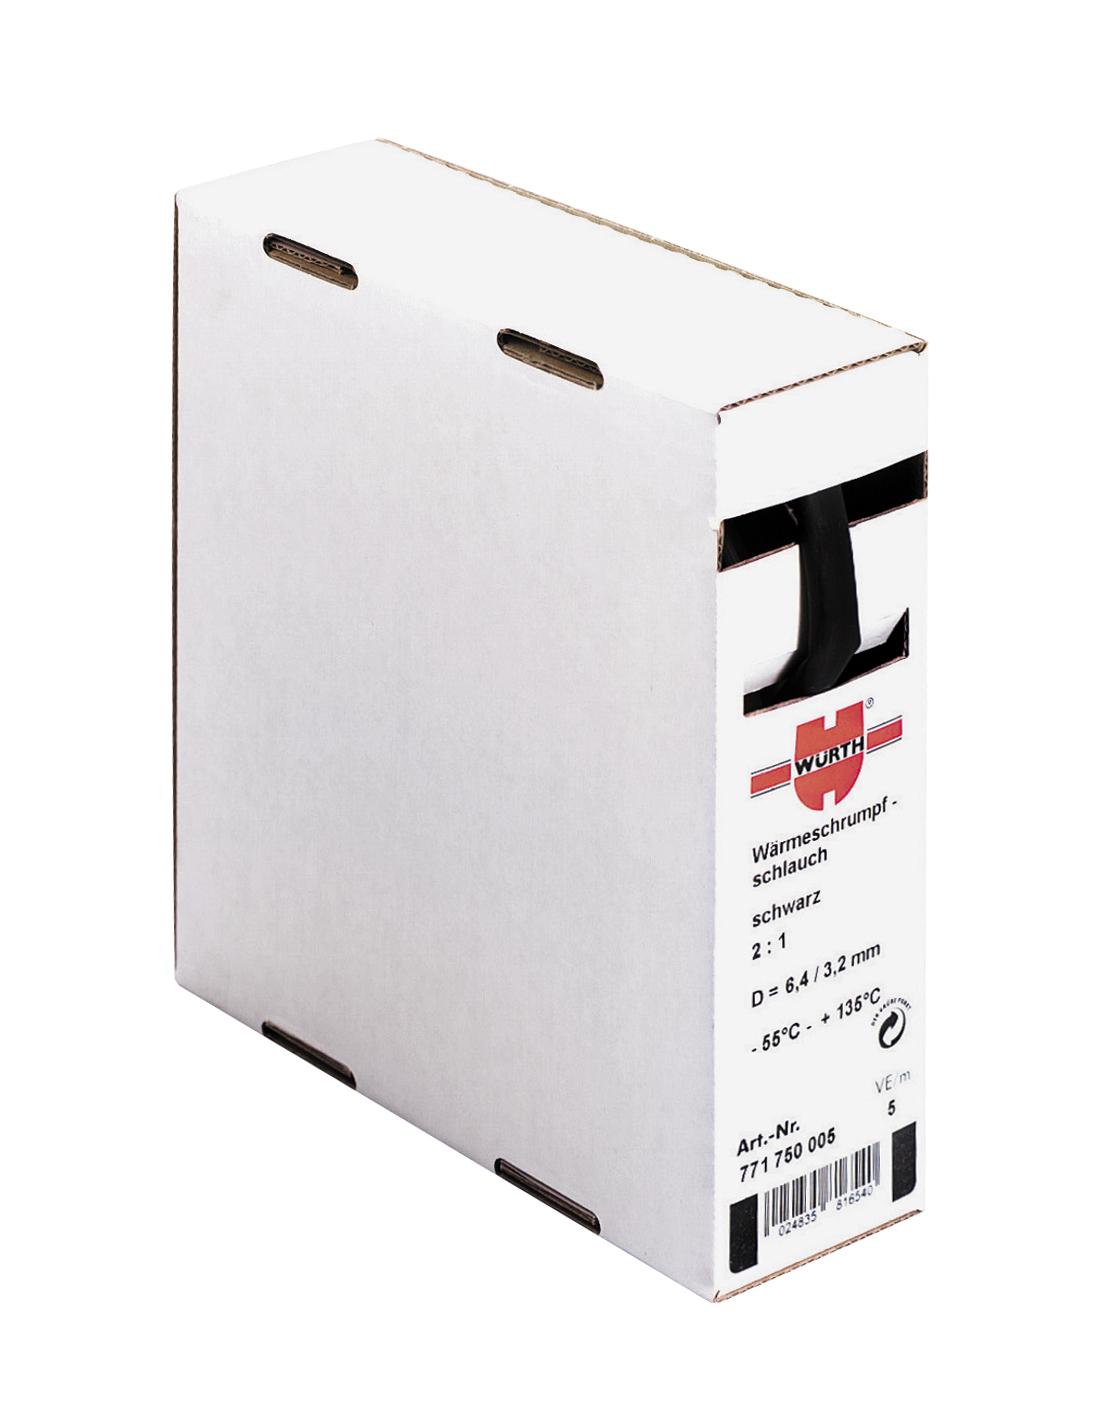 1 m Schrumpfschlauch Box 6,4/3,2 mm, 5m, schwarz GI77175050